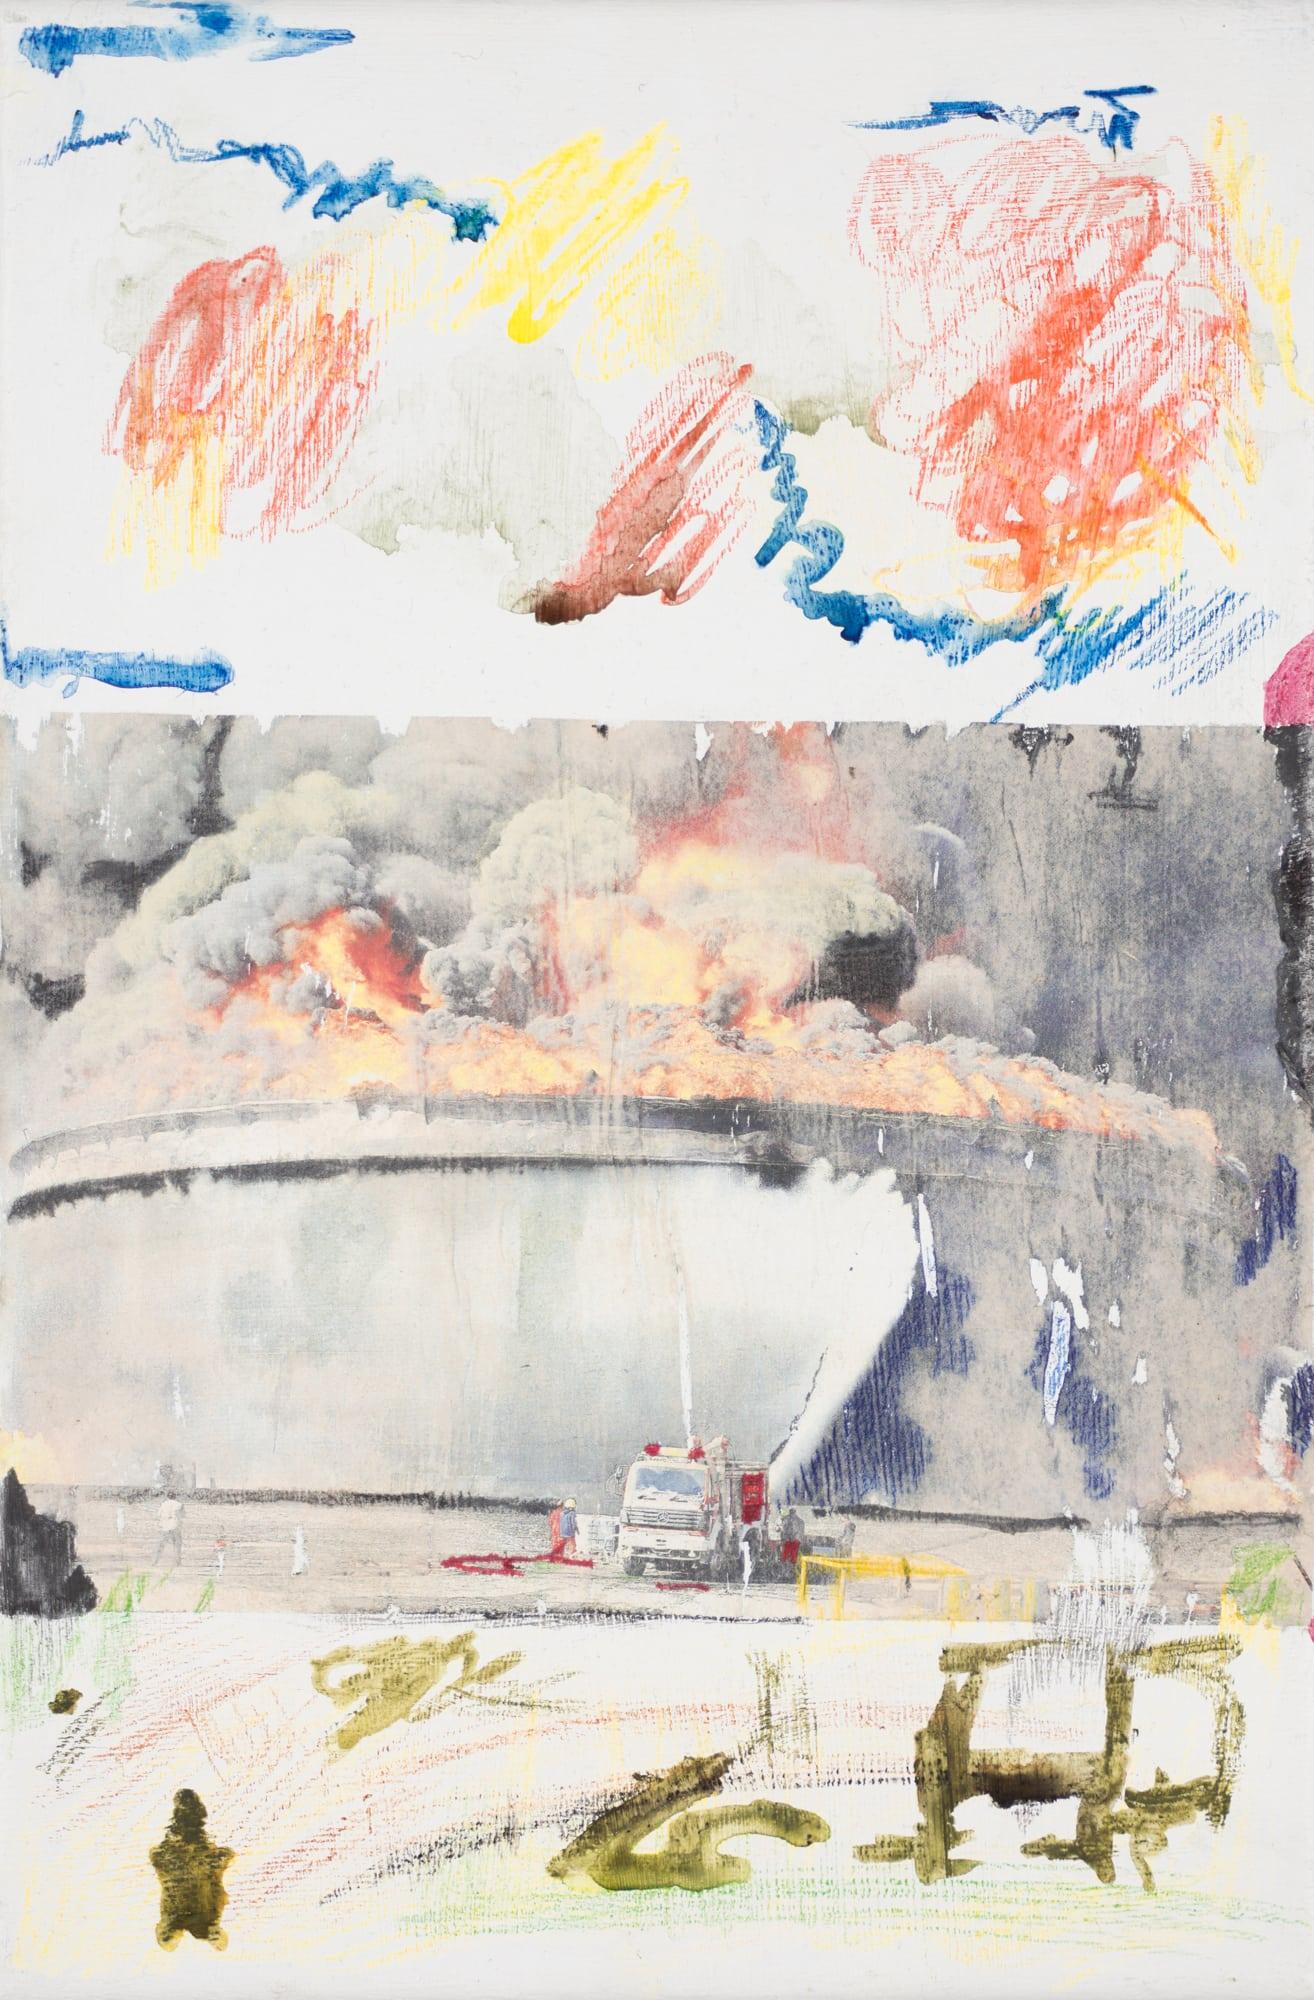 Zeichnung, Öl auf Leinwand, 20x30cm, Großbrand, Künstlerin: Franziska King